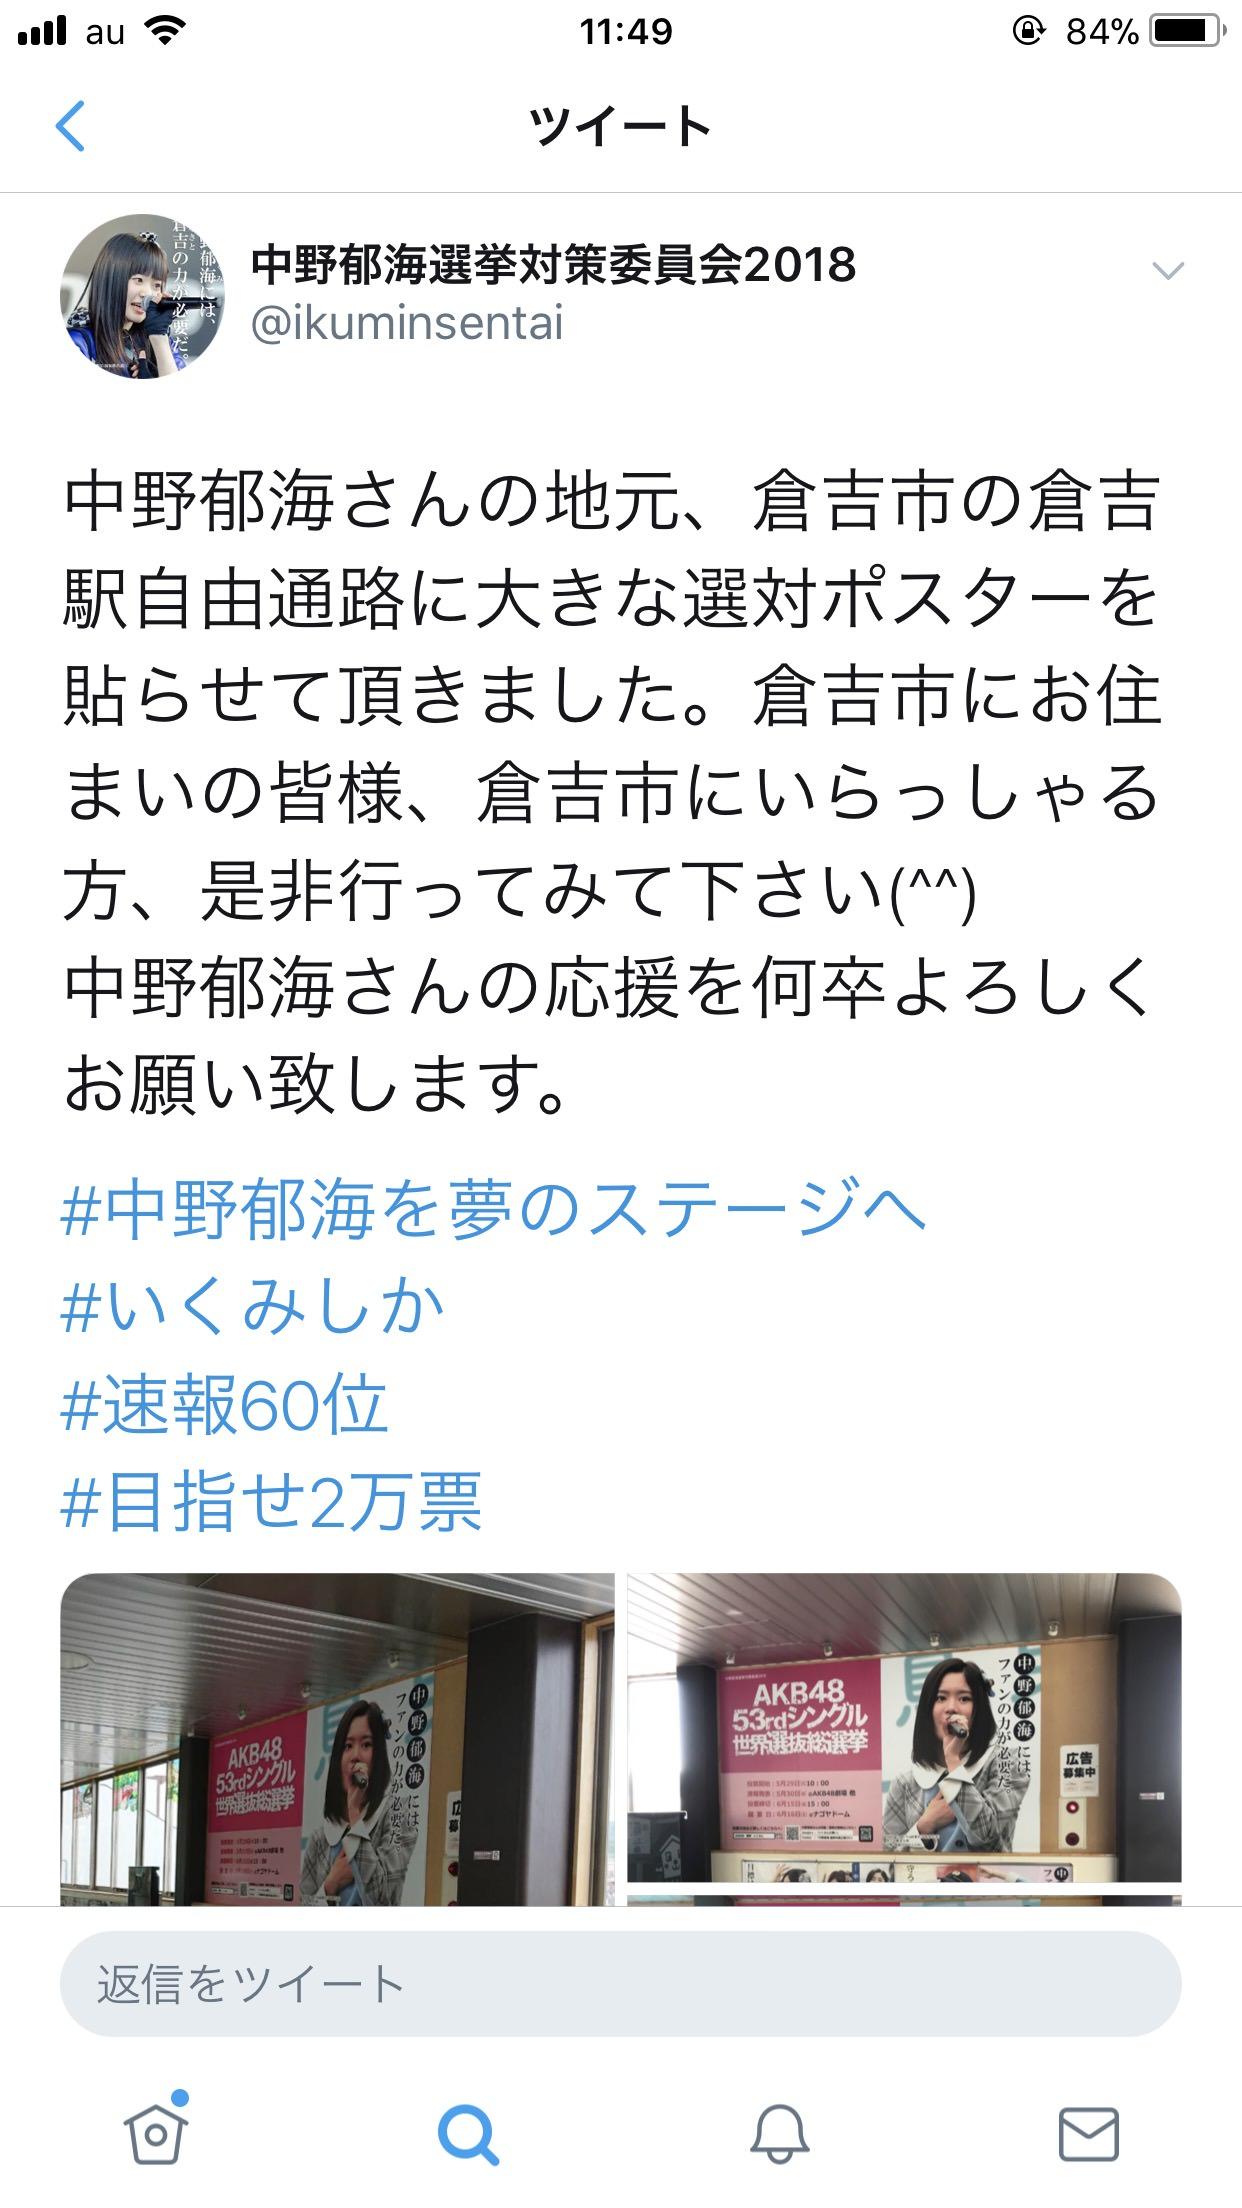 【朗報】チーム8中野郁海ちゃんの地元の駅に、デカい宣伝ポスターが貼られる